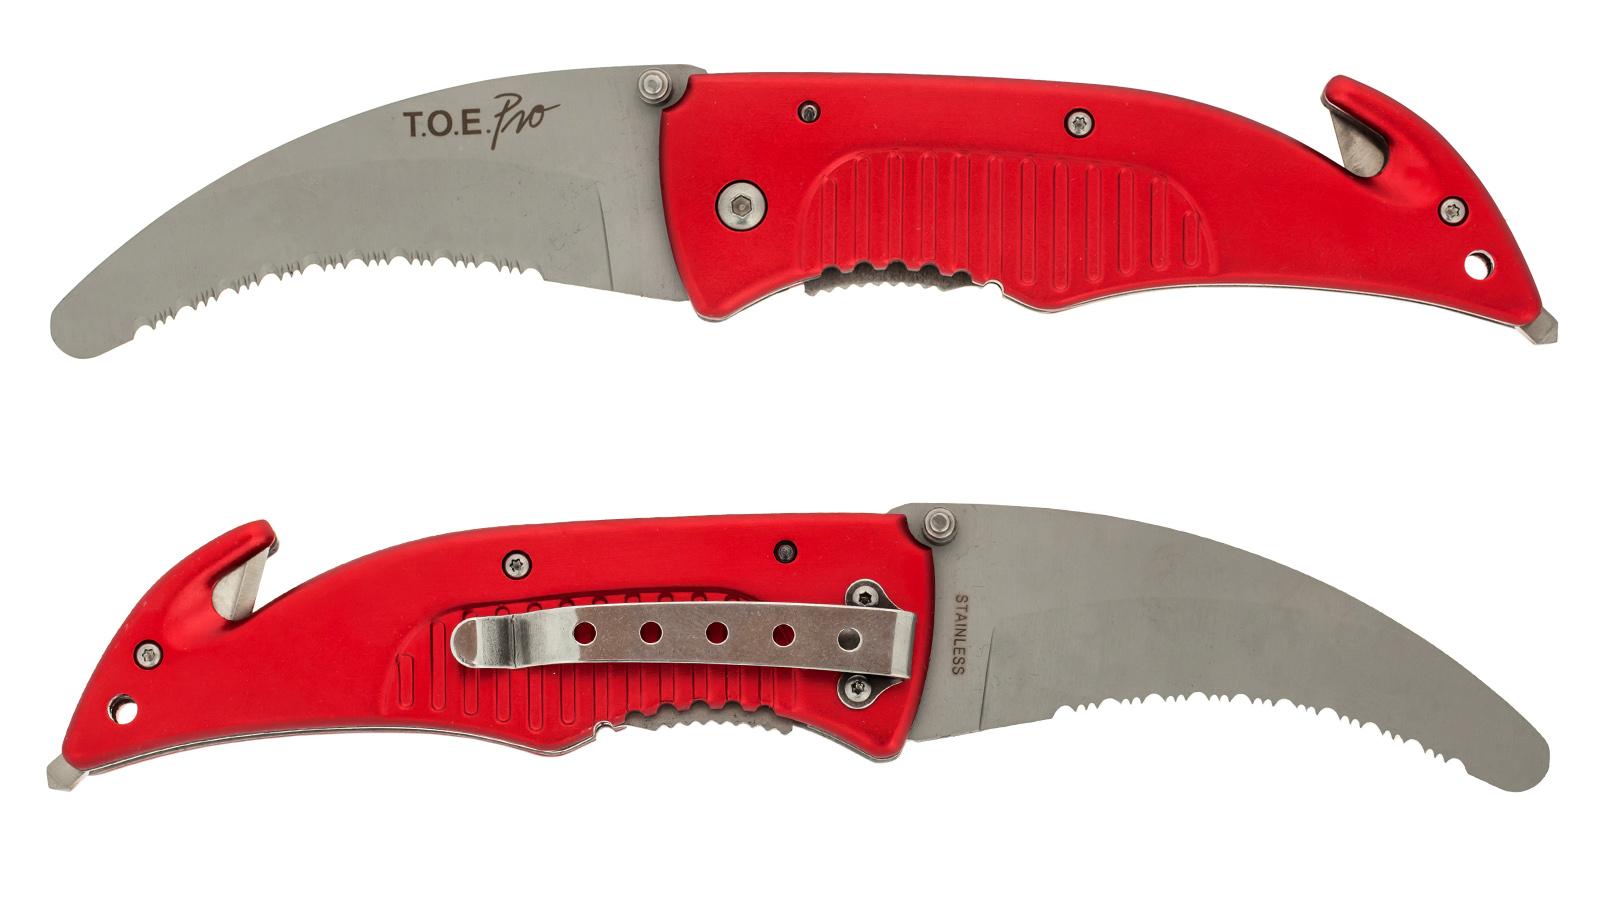 Аварийный нож с серрейтором T.O.E. Pro - купить с доставкой